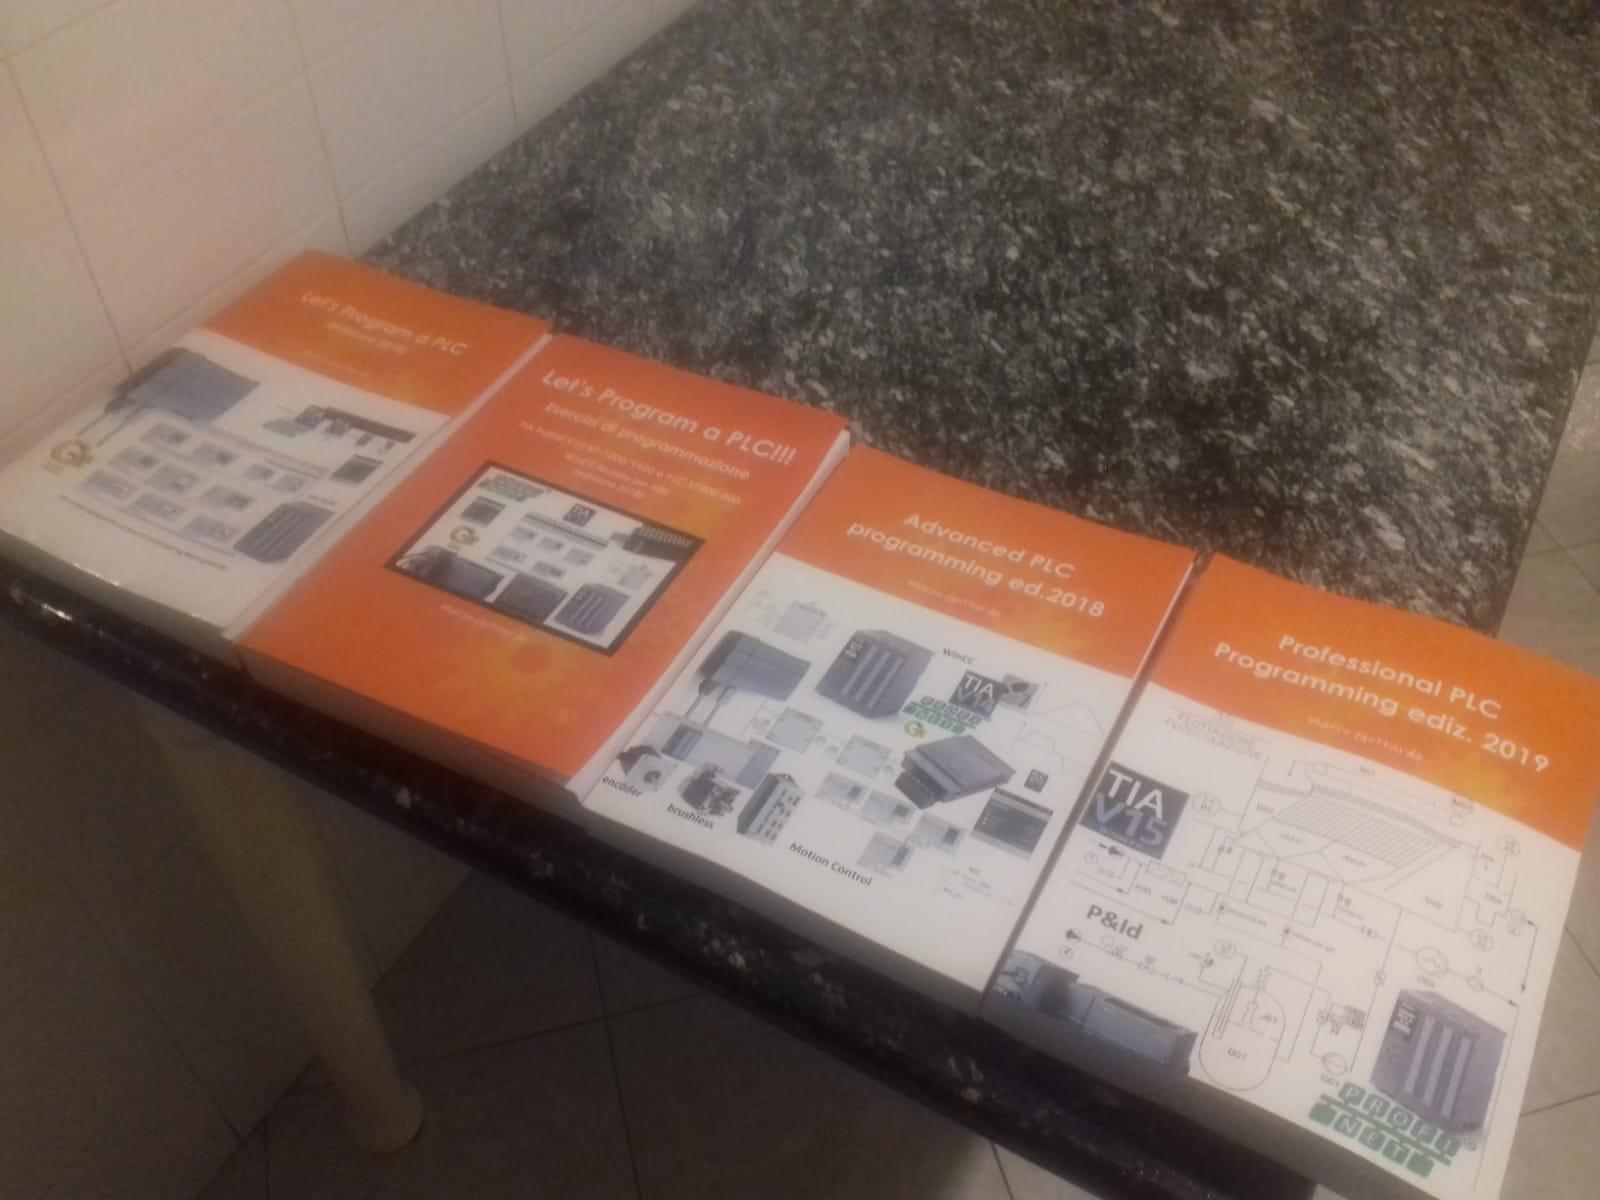 Collana completa Libri PLC G-Tronic